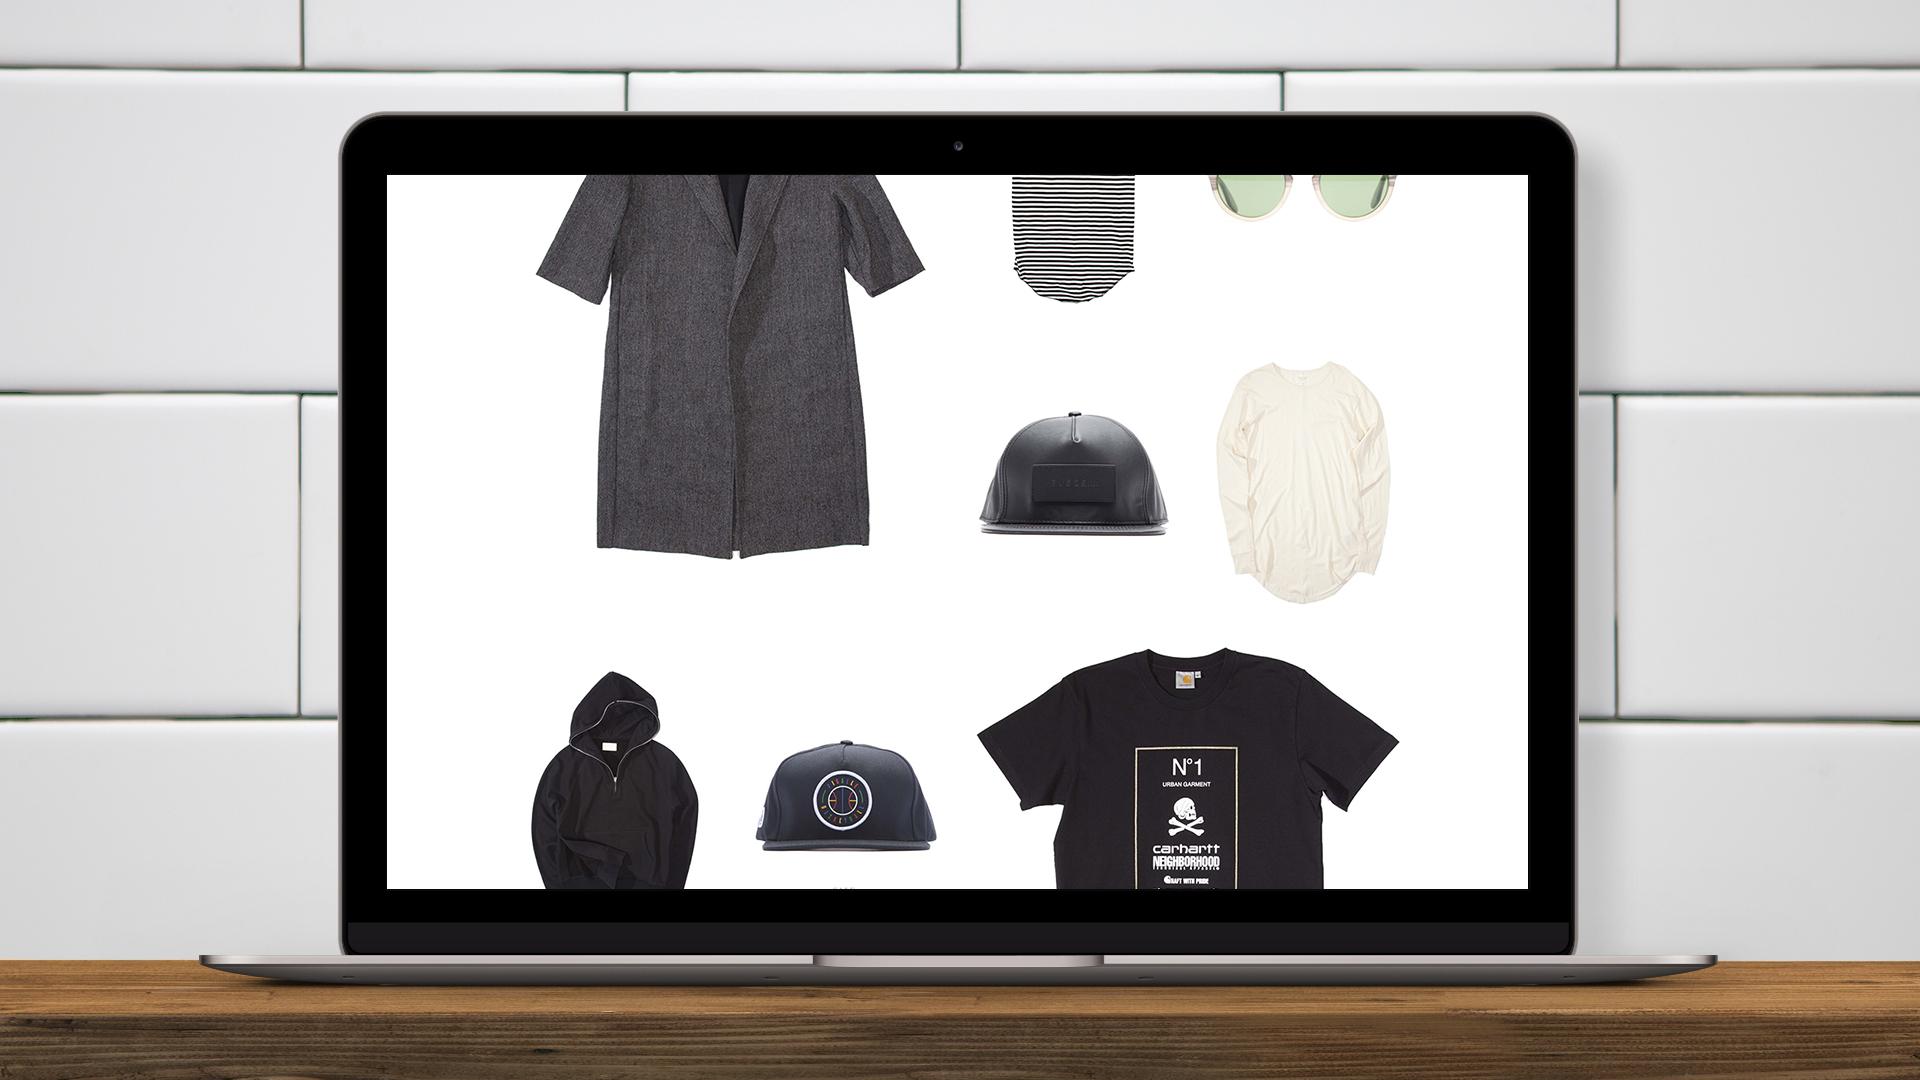 macbook_shelf.jpg